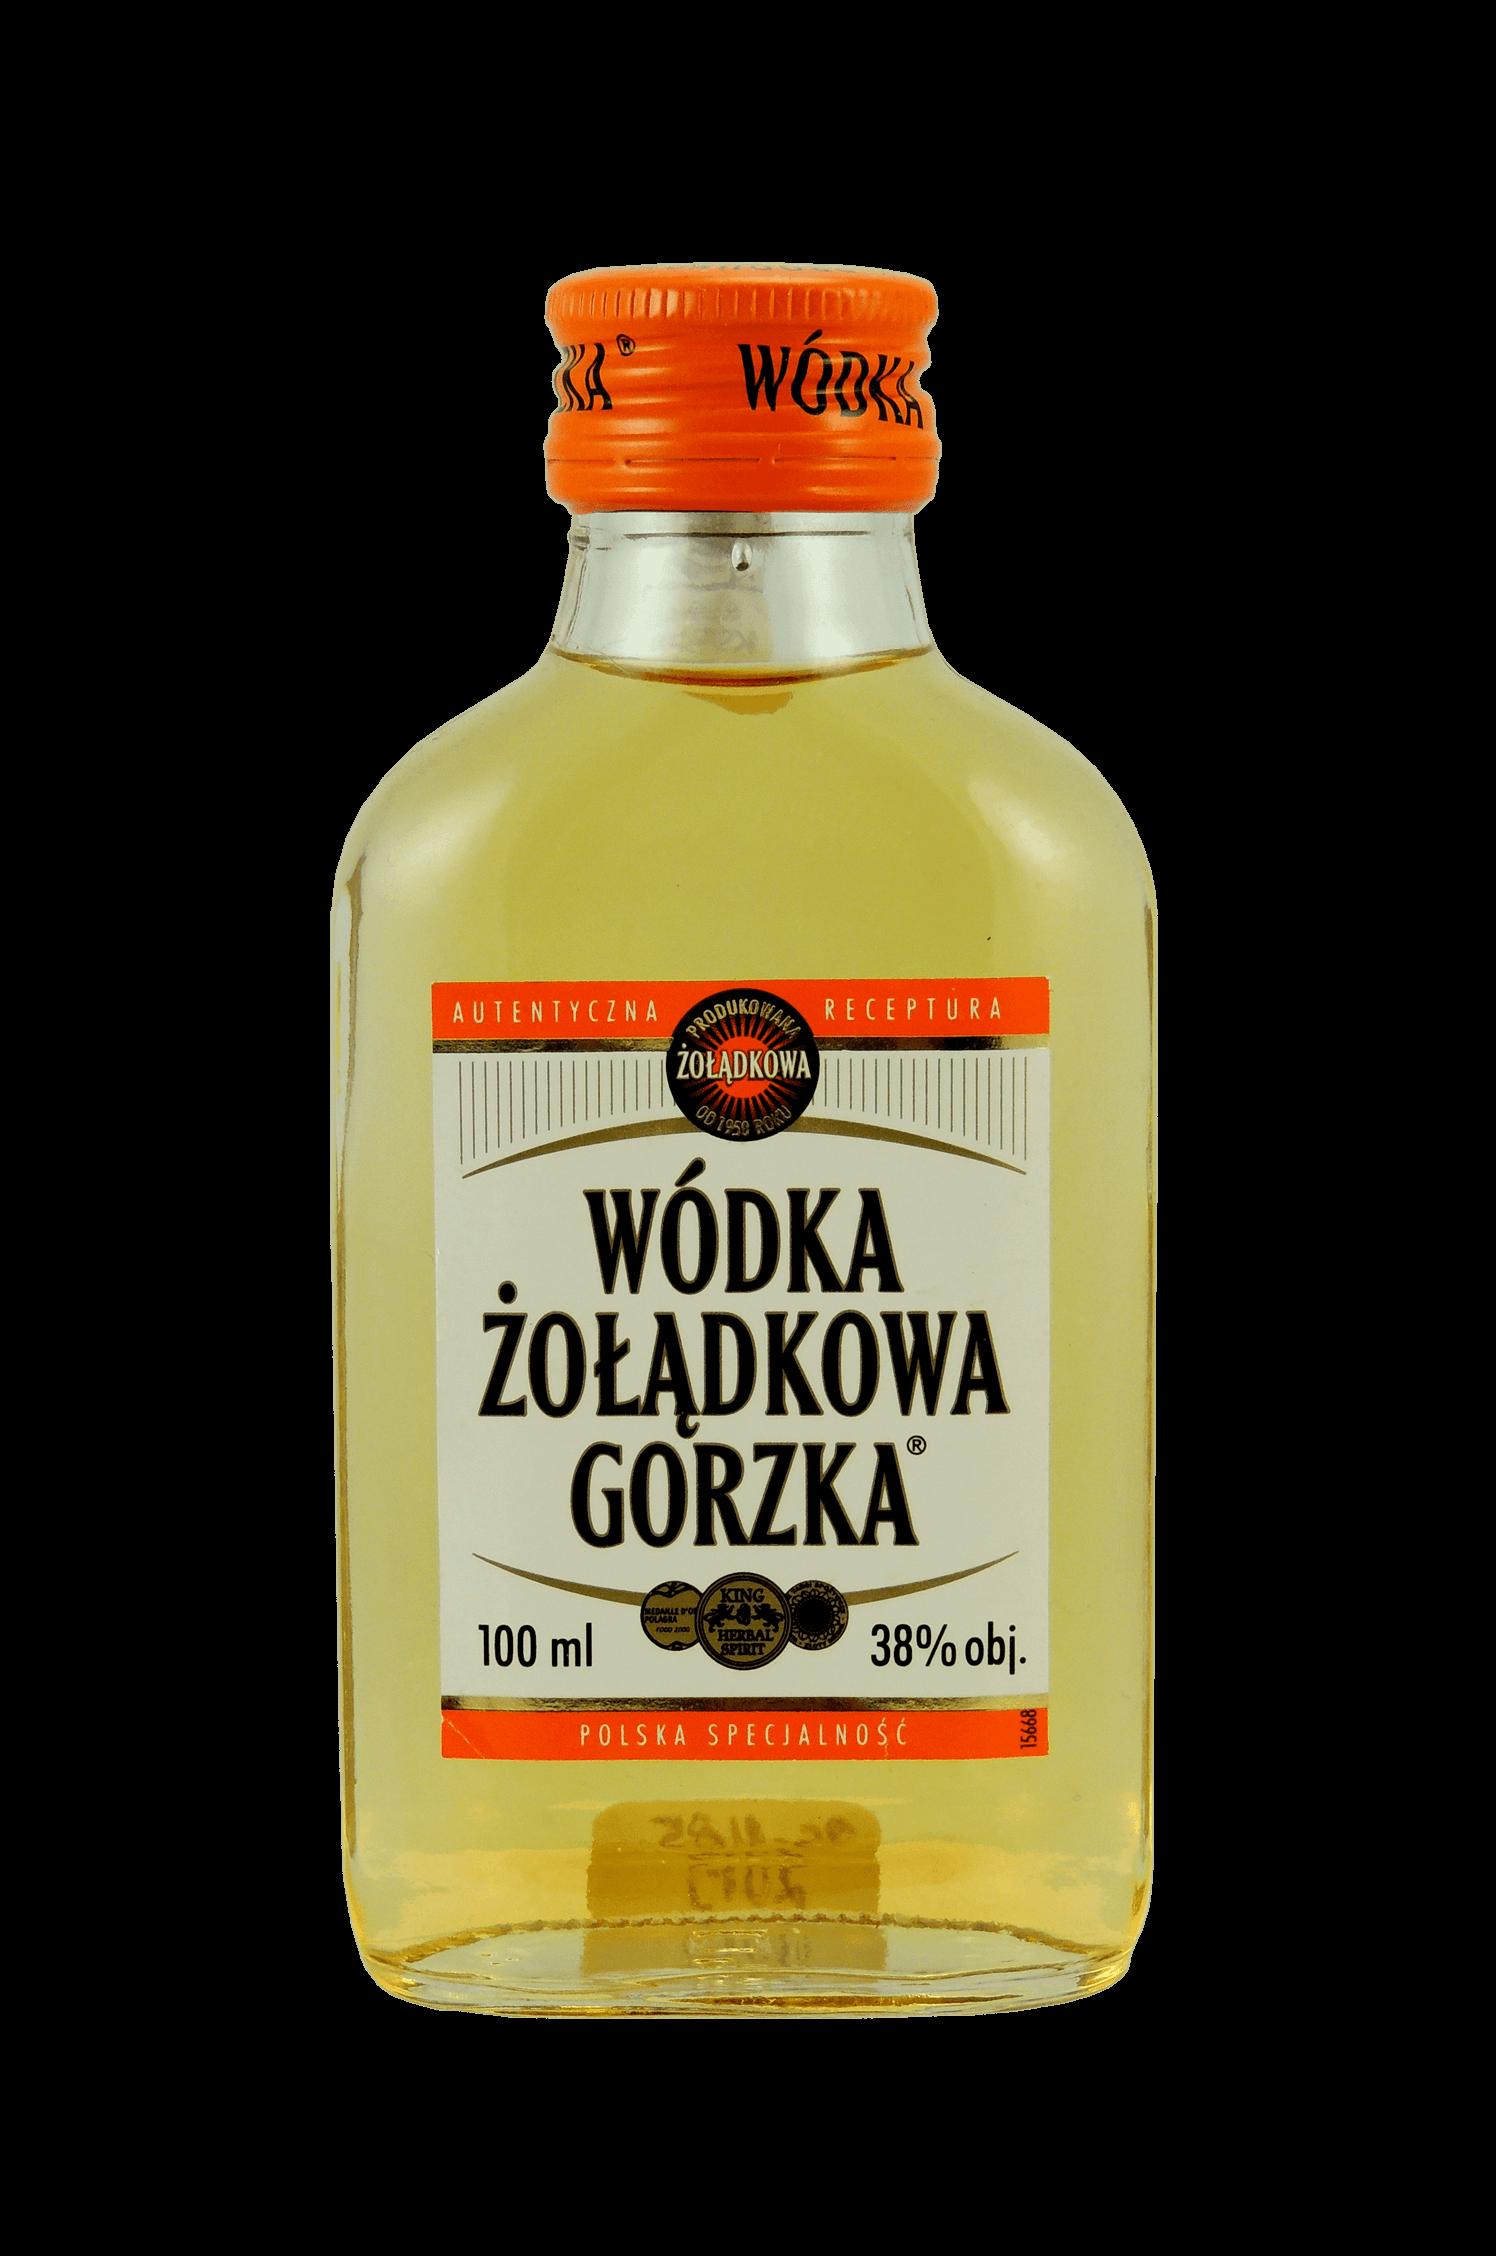 Wodka Žoladkowa Gorzka